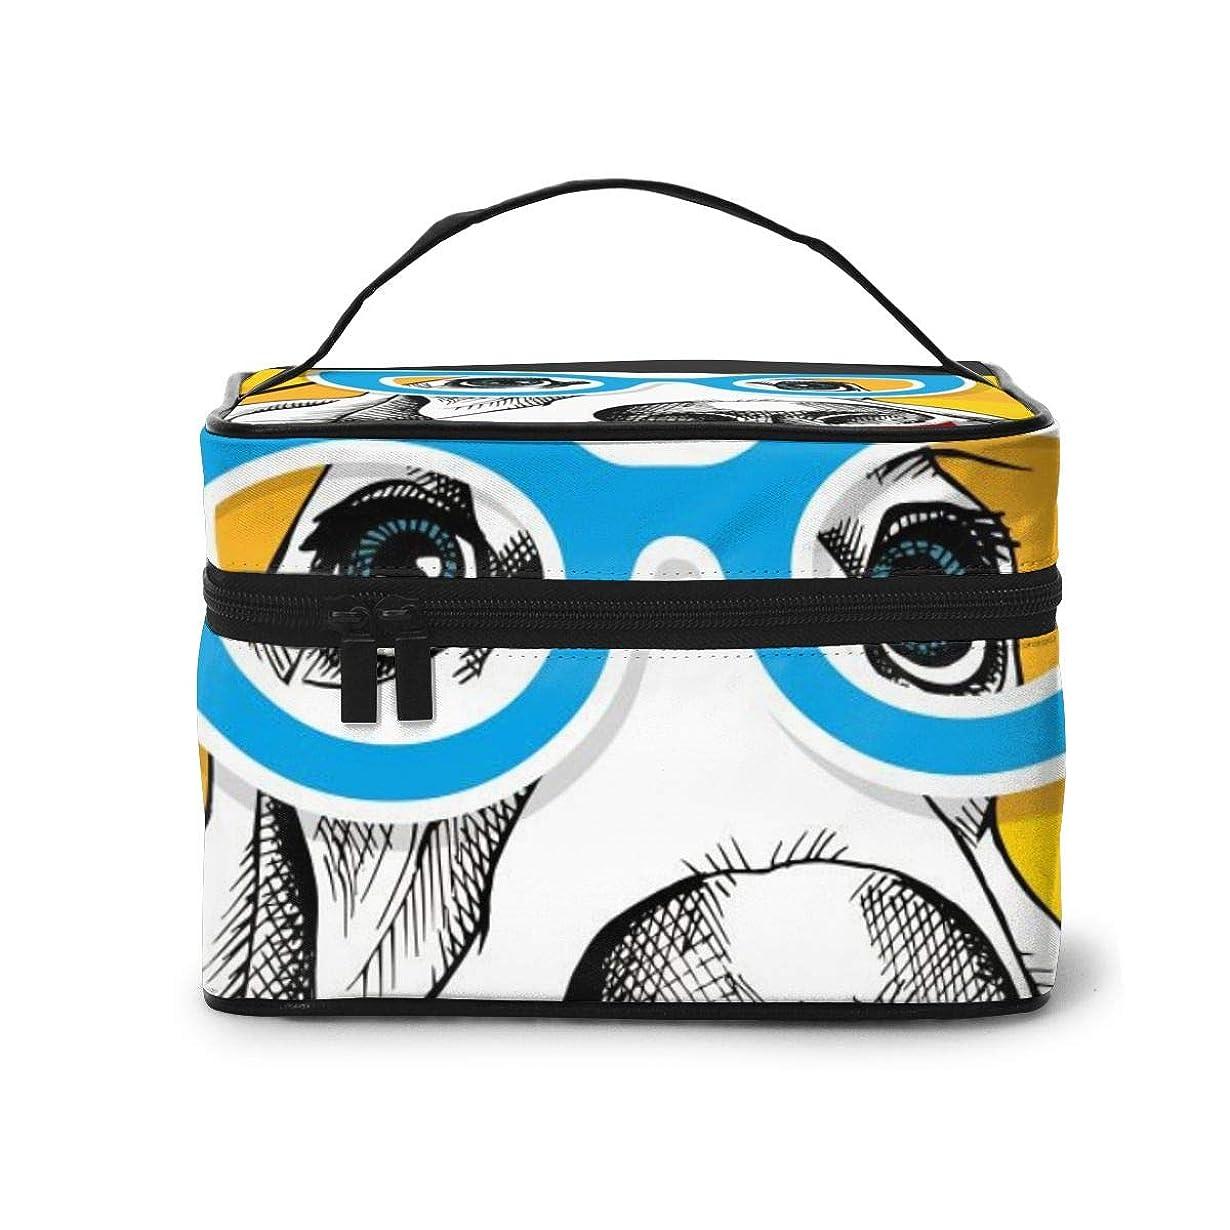 地下室スロベニアラリーベルモントメイクポーチ 化粧ポーチ コスメバッグ バニティケース トラベルポーチ 犬 パーティー 雑貨 小物入れ 出張用 超軽量 機能的 大容量 収納ボックス